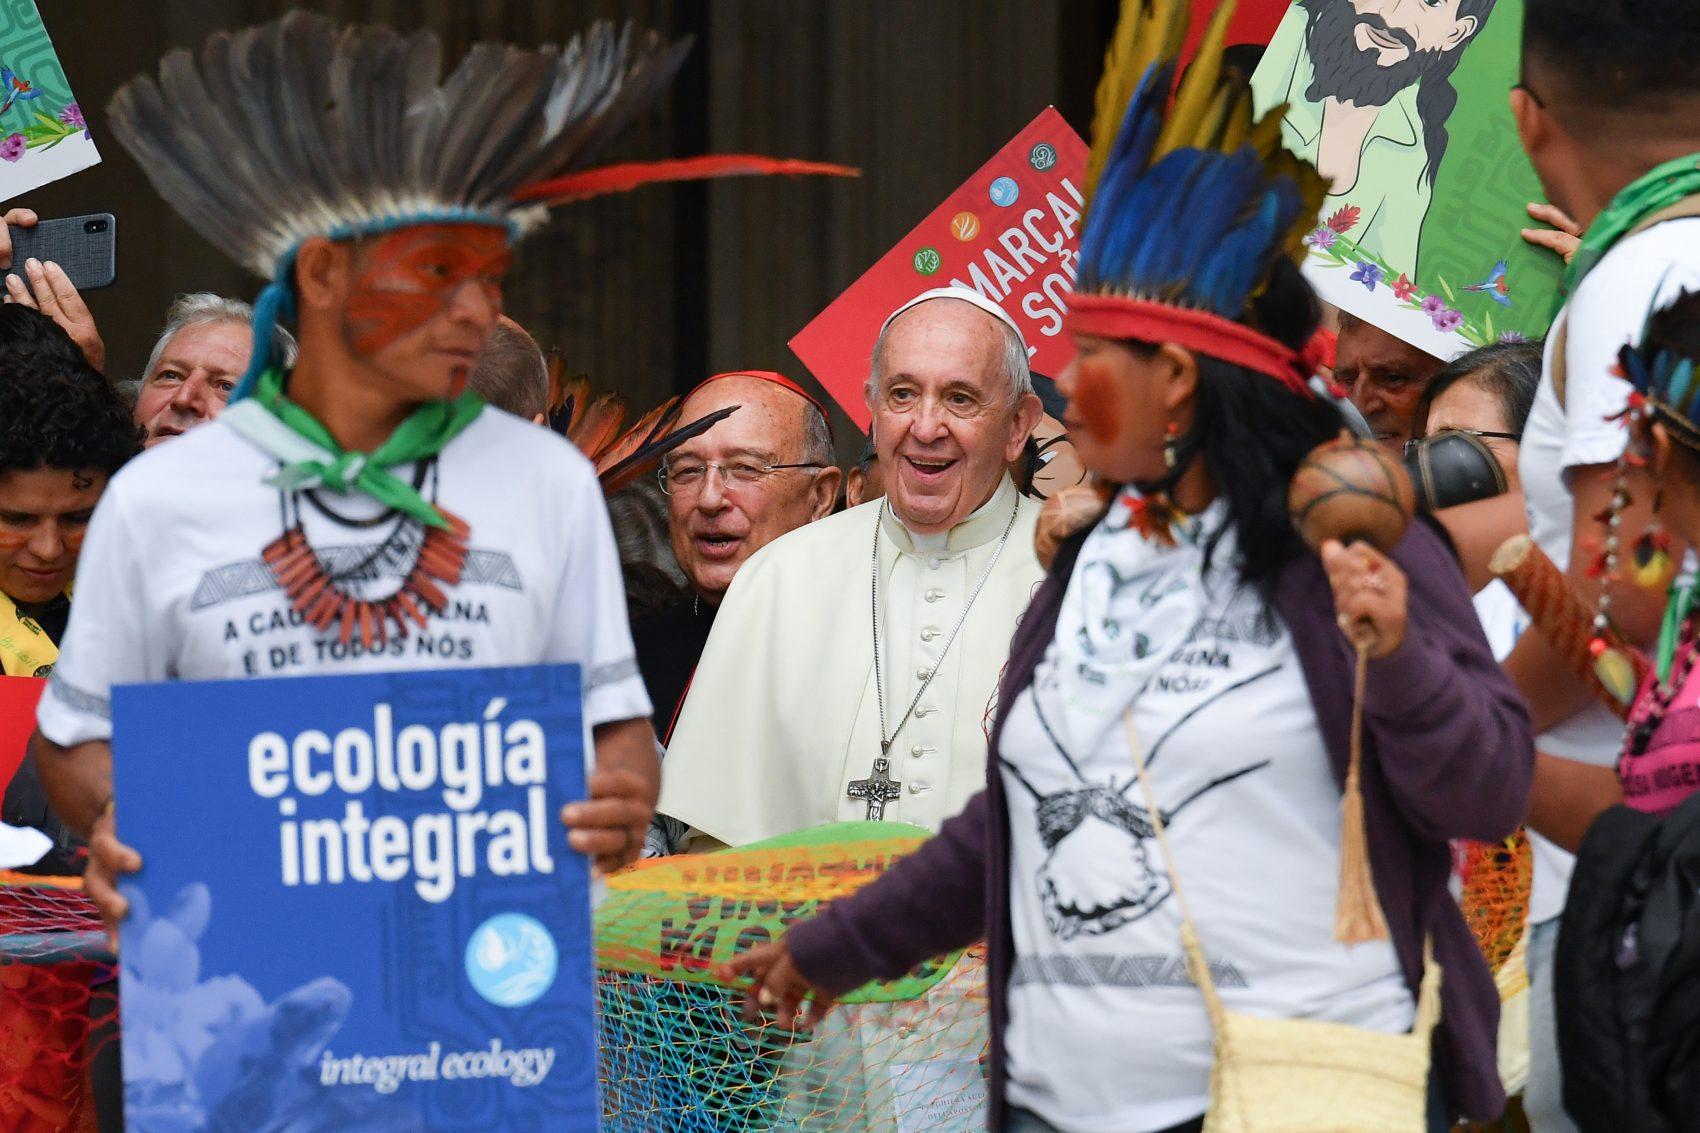 """O Papa Francisco com representantes de povos indígenas da Amazônia após a missa de abertura do Sínodo no domingo: """"qual é a diferença entre ter plumas na cabeça e o chapéu de três pontas utilizado por certas hierarquias em nossos dicastérios?"""" (Foto: Andreas Solaro/AFP)"""